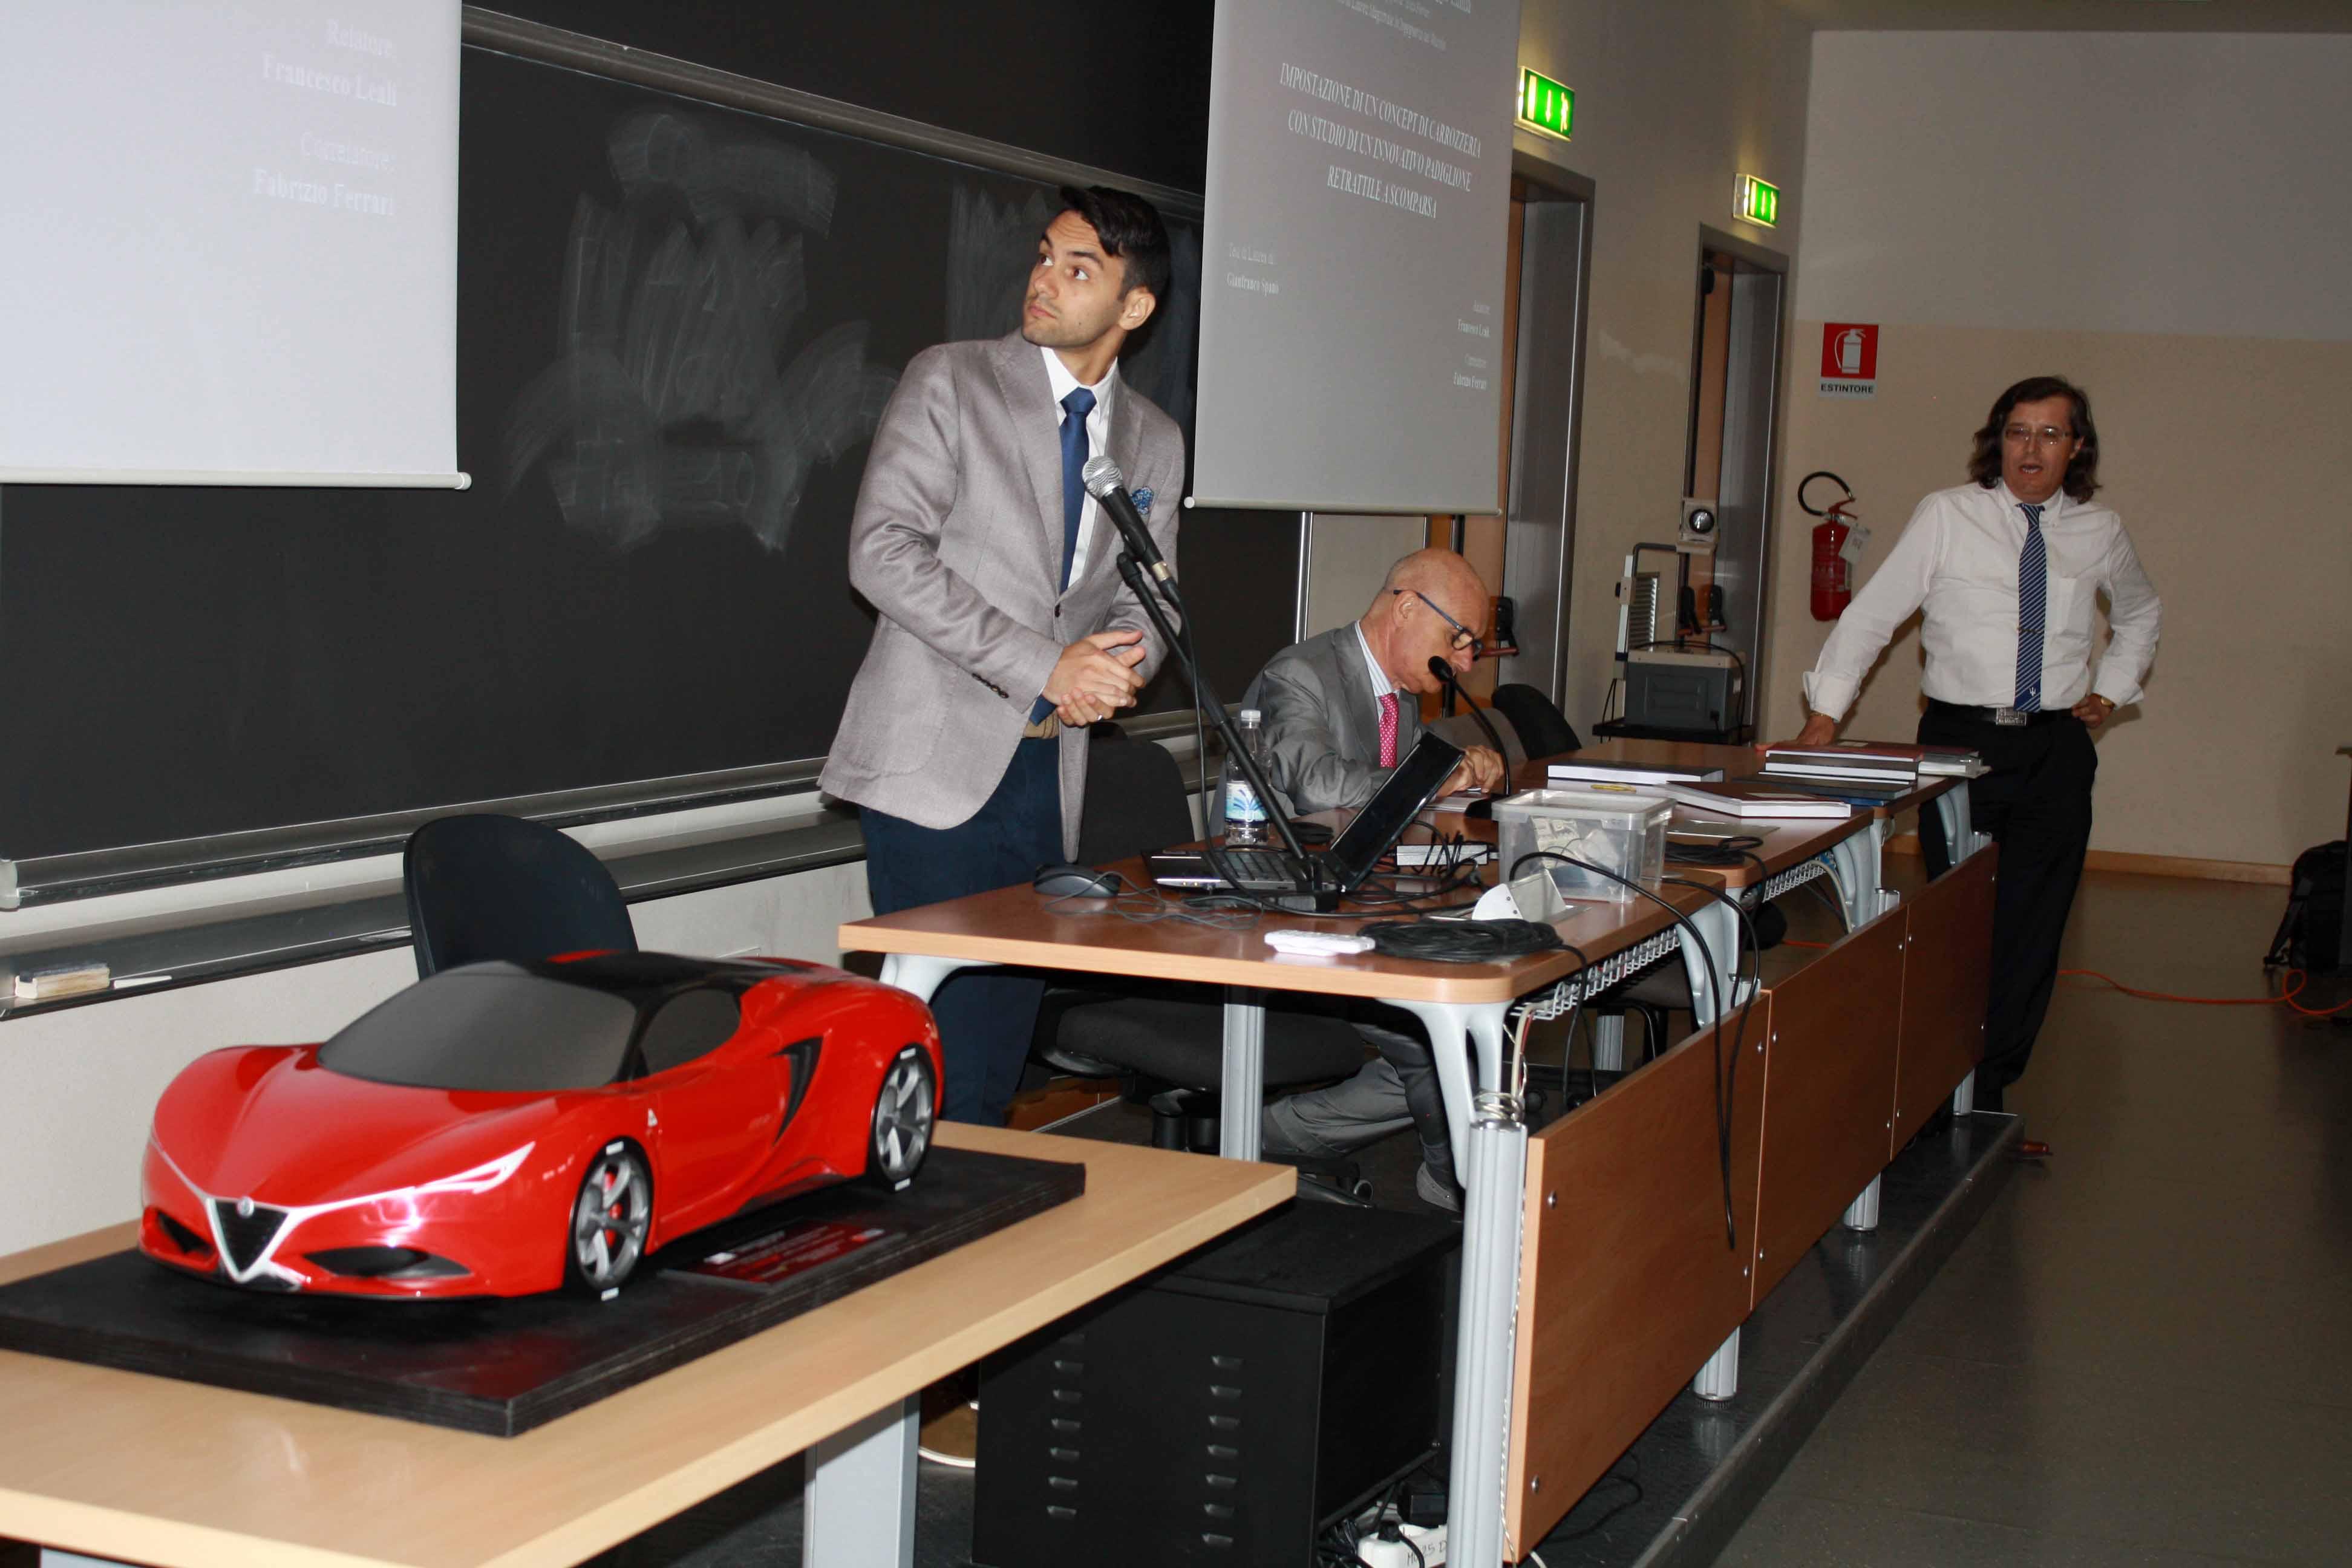 Photo of Ancora un modello ed un'inedito progetto di ricerca, alle Lauree Magistrali in Ingegneria del Veicolo a Modena!